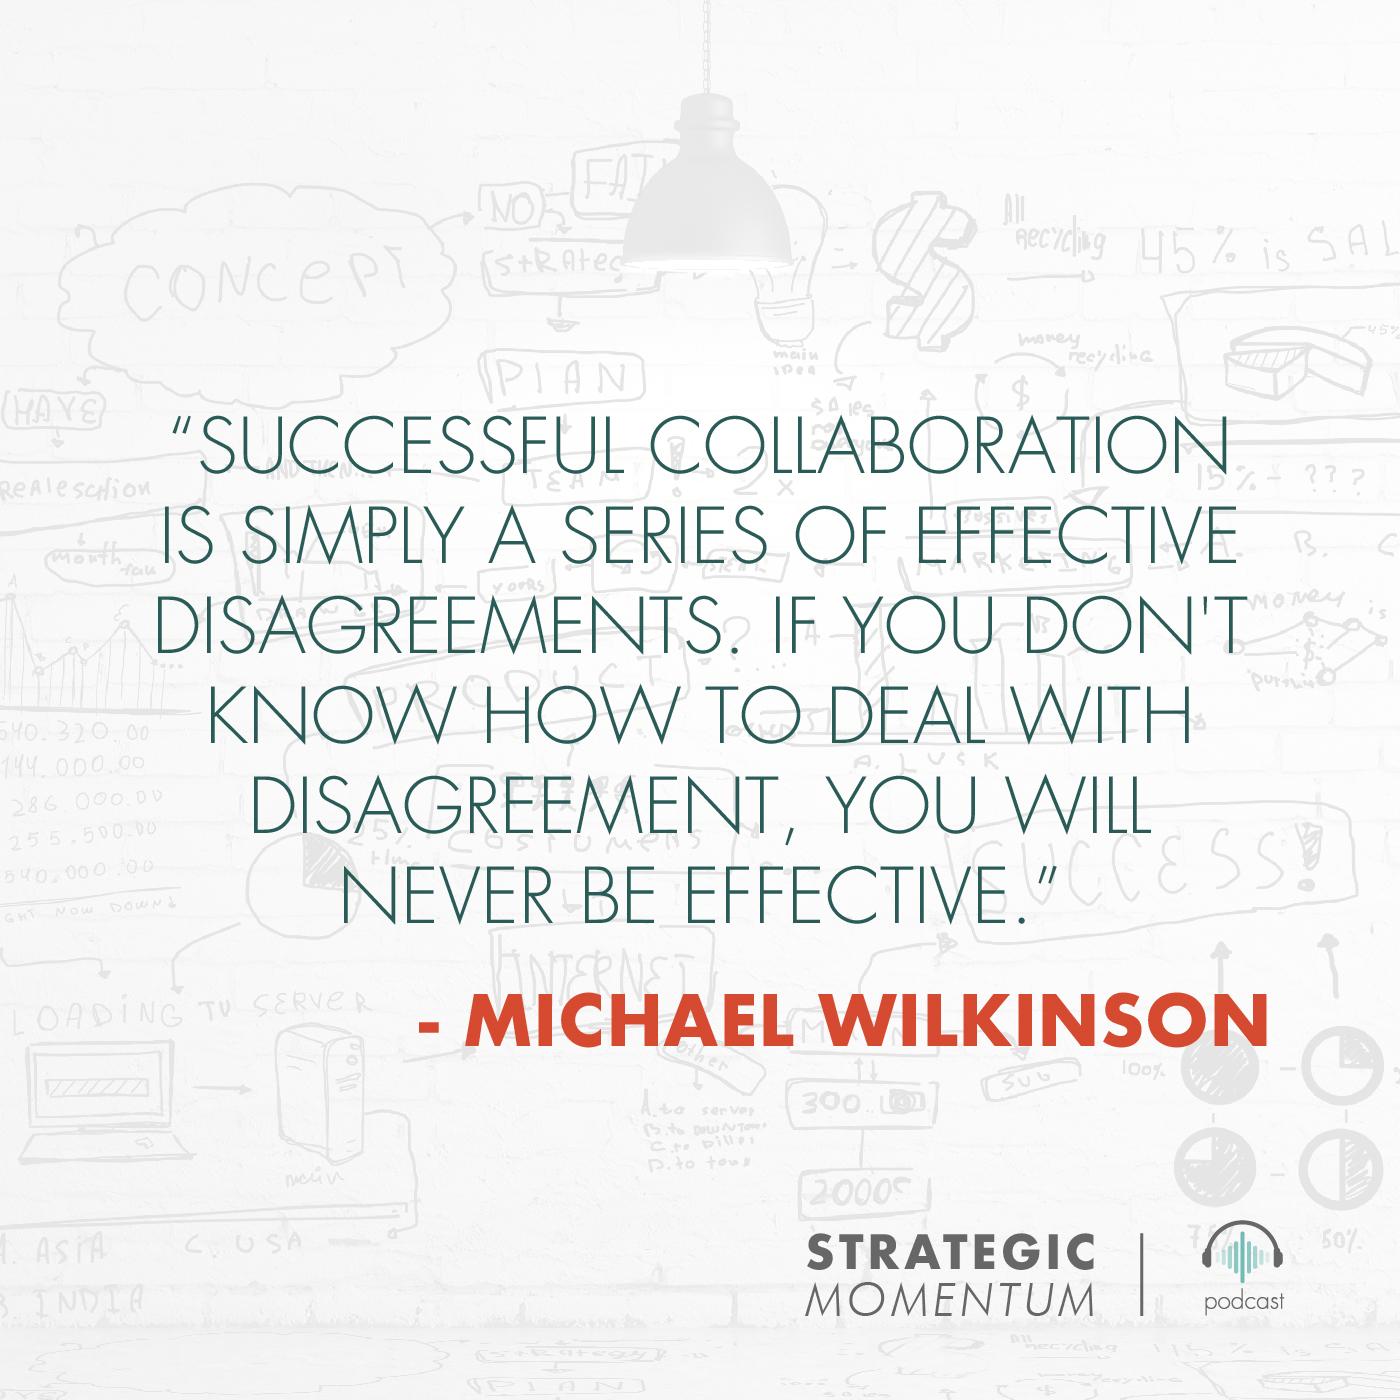 Michael Wilkinson Quote | Strategic Momentum Podcast